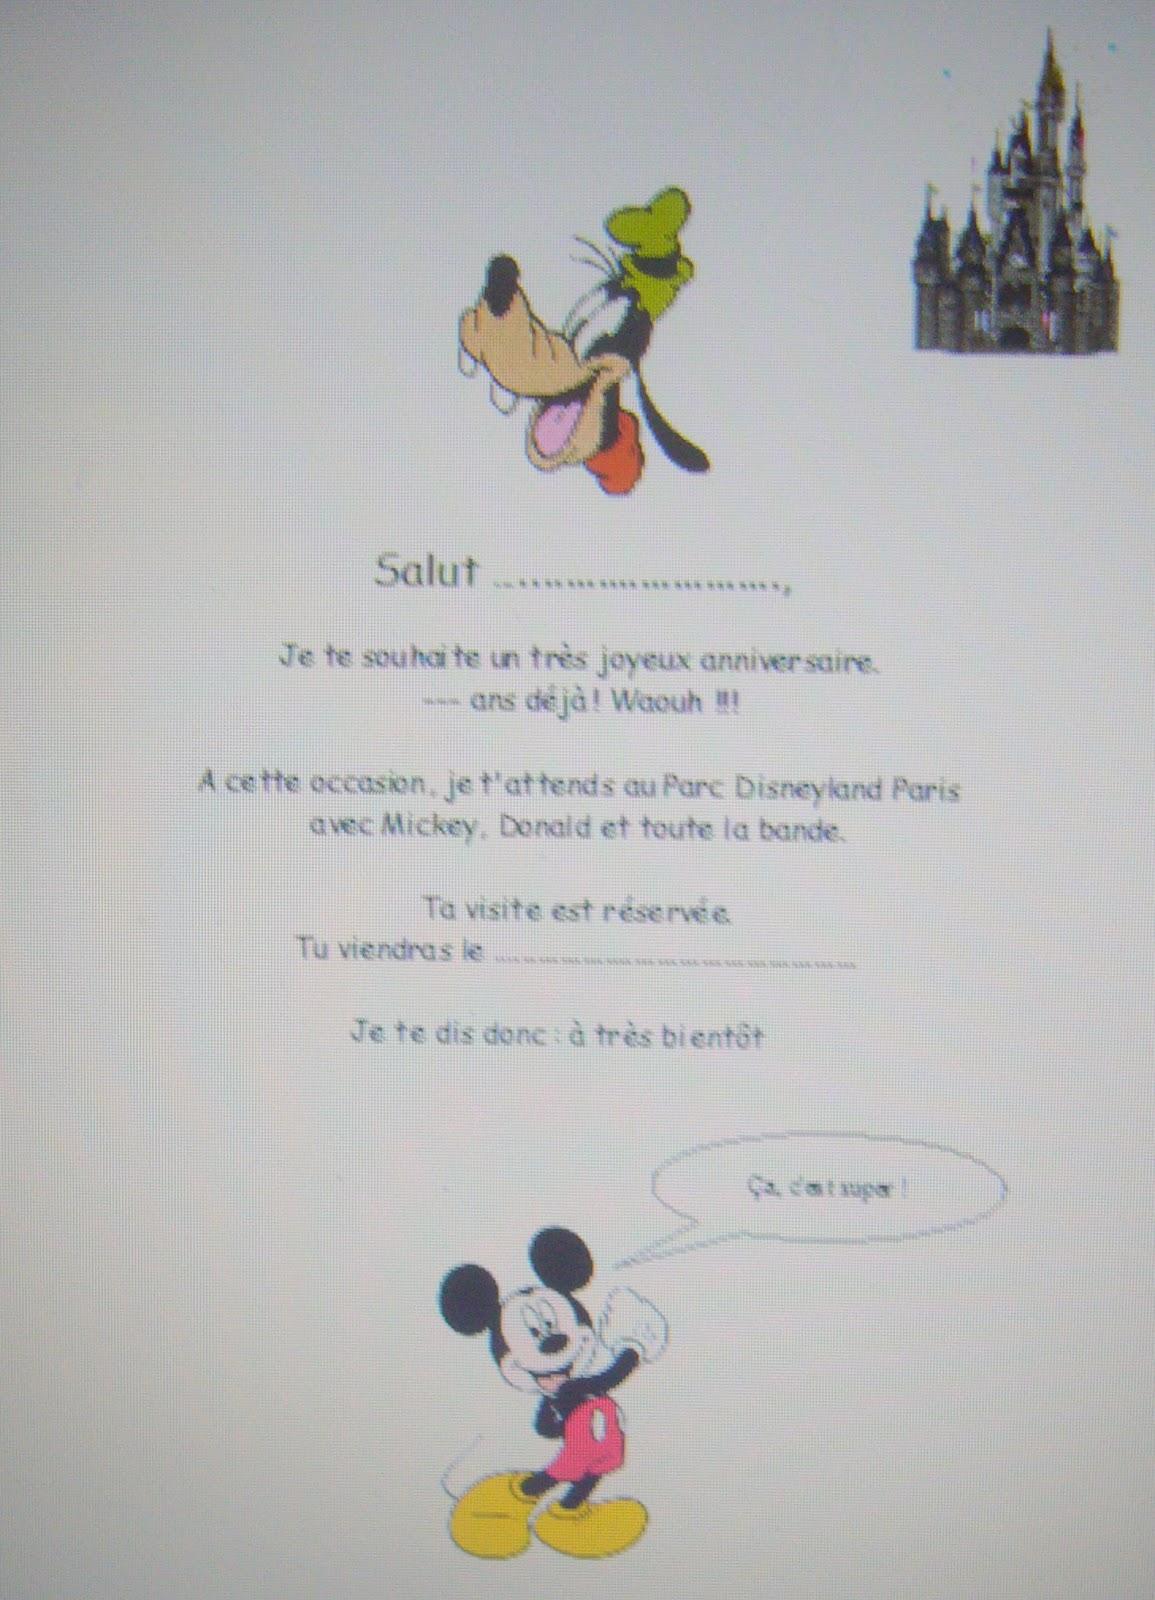 carte invitation disneyland a imprimer eBook] Lettre Pour Annoncer Un Week End Surprise